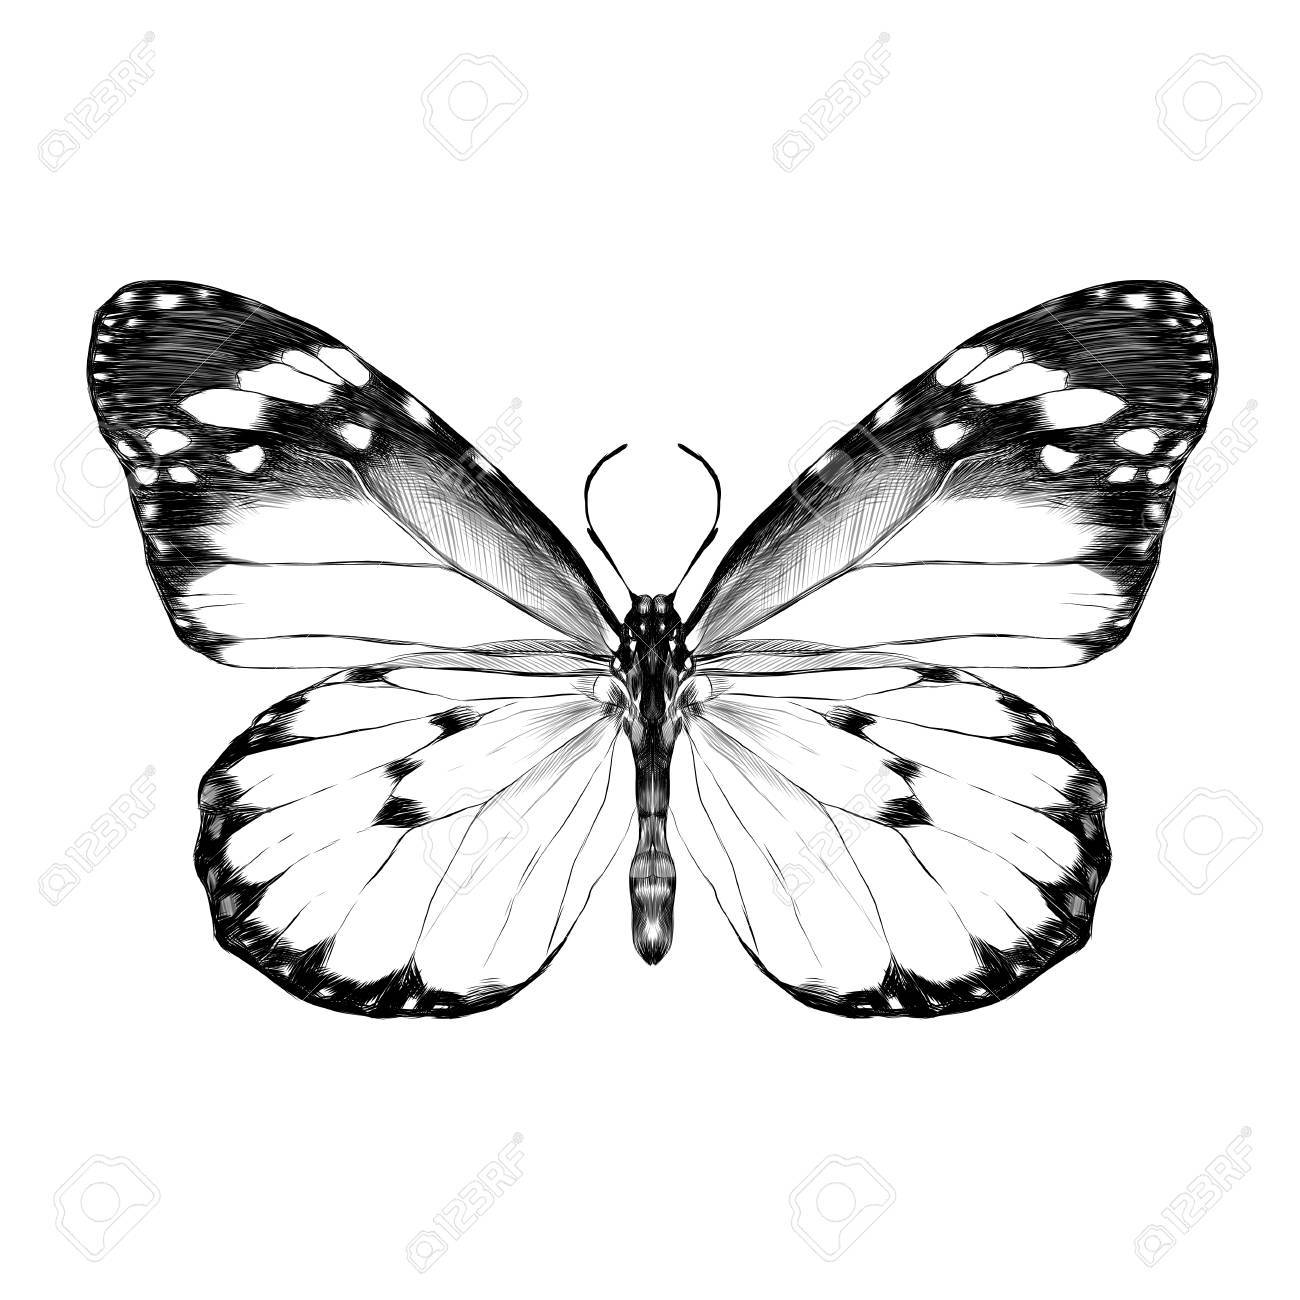 Aile De Papillon Dessin un papillon avec des ailes ouvertes vue de dessus, le dessin